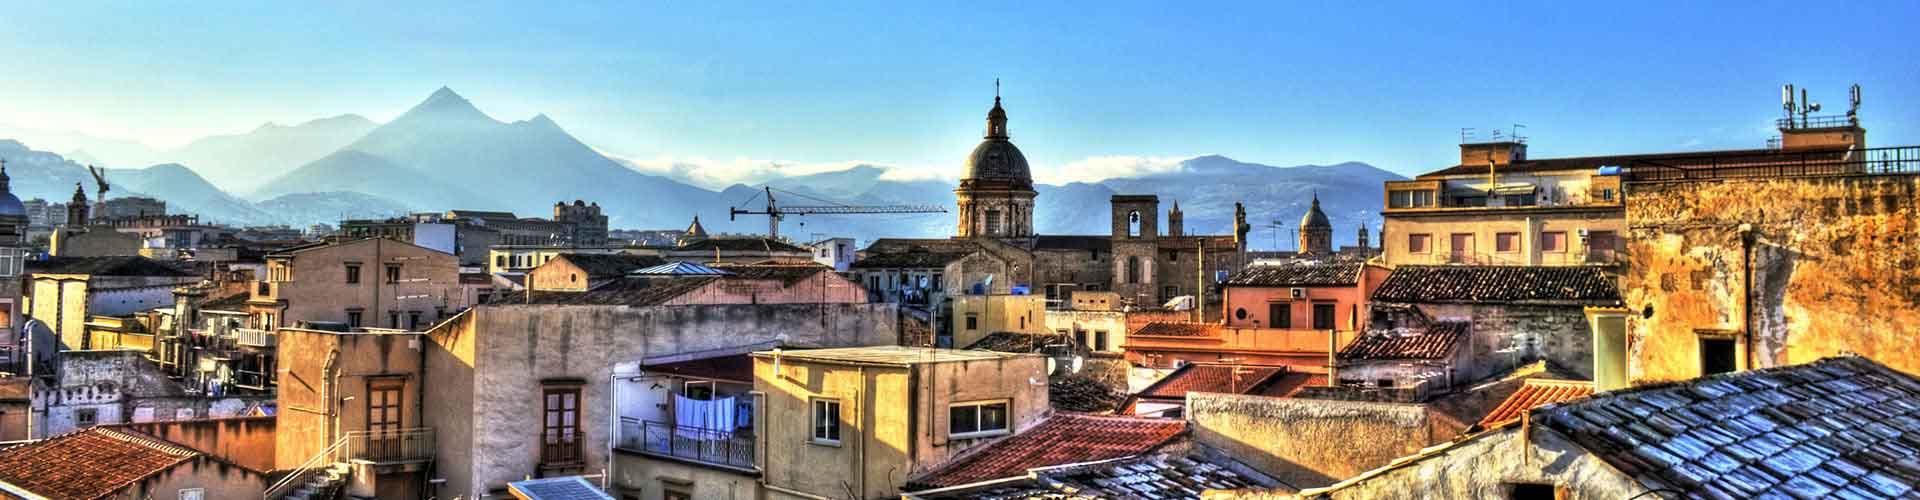 Palermo - Albergues Juveniles  en Palermo. Mapas de Palermo, Fotos y Comentarios para cada Albergue Juvenil en Palermo.